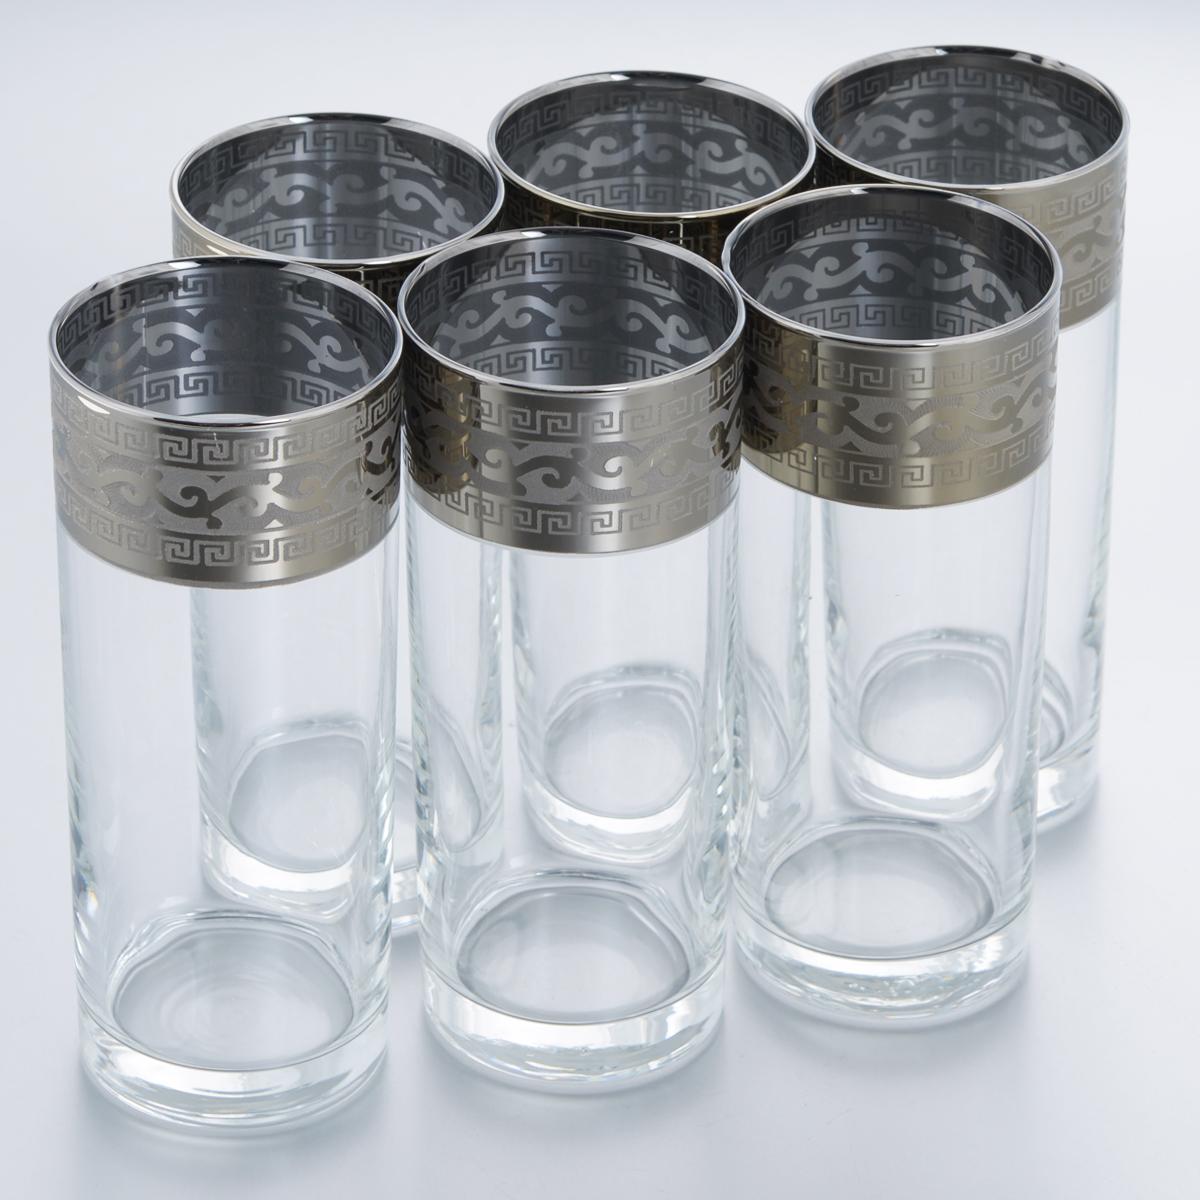 Набор стаканов для сока Гусь-Хрустальный Версаче, 350 мл, 6 штGE08-806Набор Гусь-Хрустальный Версаче состоит из 6 высоких стаканов, изготовленных из высококачественного натрий-кальций-силикатного стекла. Изделия оформлены красивым зеркальным покрытием и широкой окантовкой с оригинальным узором. Стаканы предназначены для подачи сока, а также воды и коктейлей. Такой набор прекрасно дополнит праздничный стол и станет желанным подарком в любом доме. Разрешается мыть в посудомоечной машине. Диаметр стакана (по верхнему краю): 6,3 см. Высота стакана: 15,7 см. Уважаемые клиенты! Обращаем ваше внимание на незначительные изменения в дизайне товара, допускаемые производителем. Поставка осуществляется в зависимости от наличия на складе.